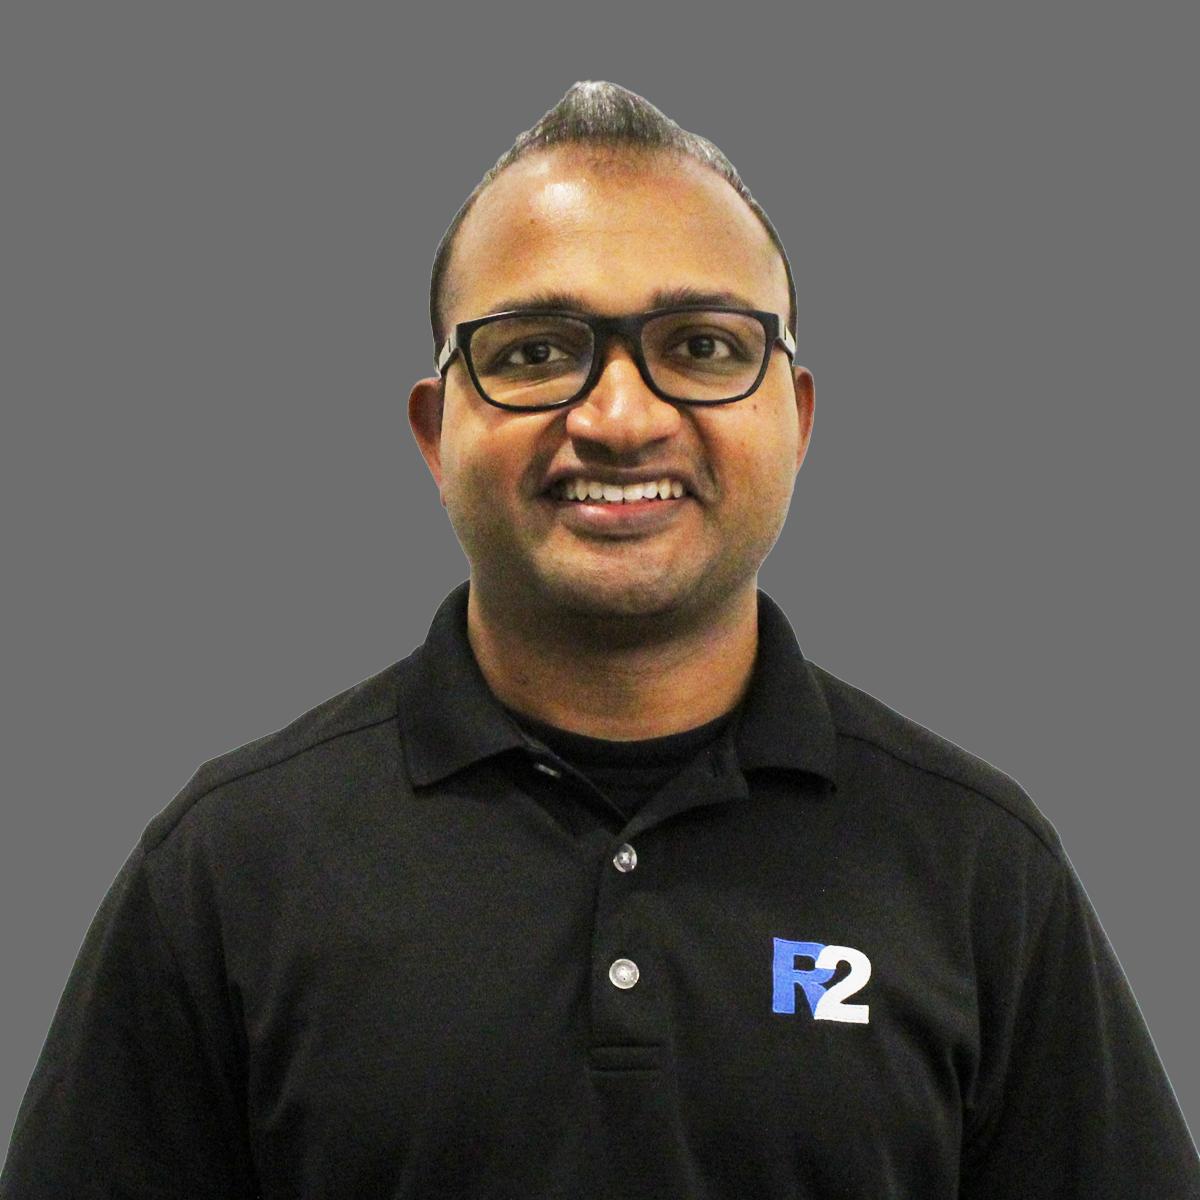 Dharmik Patel